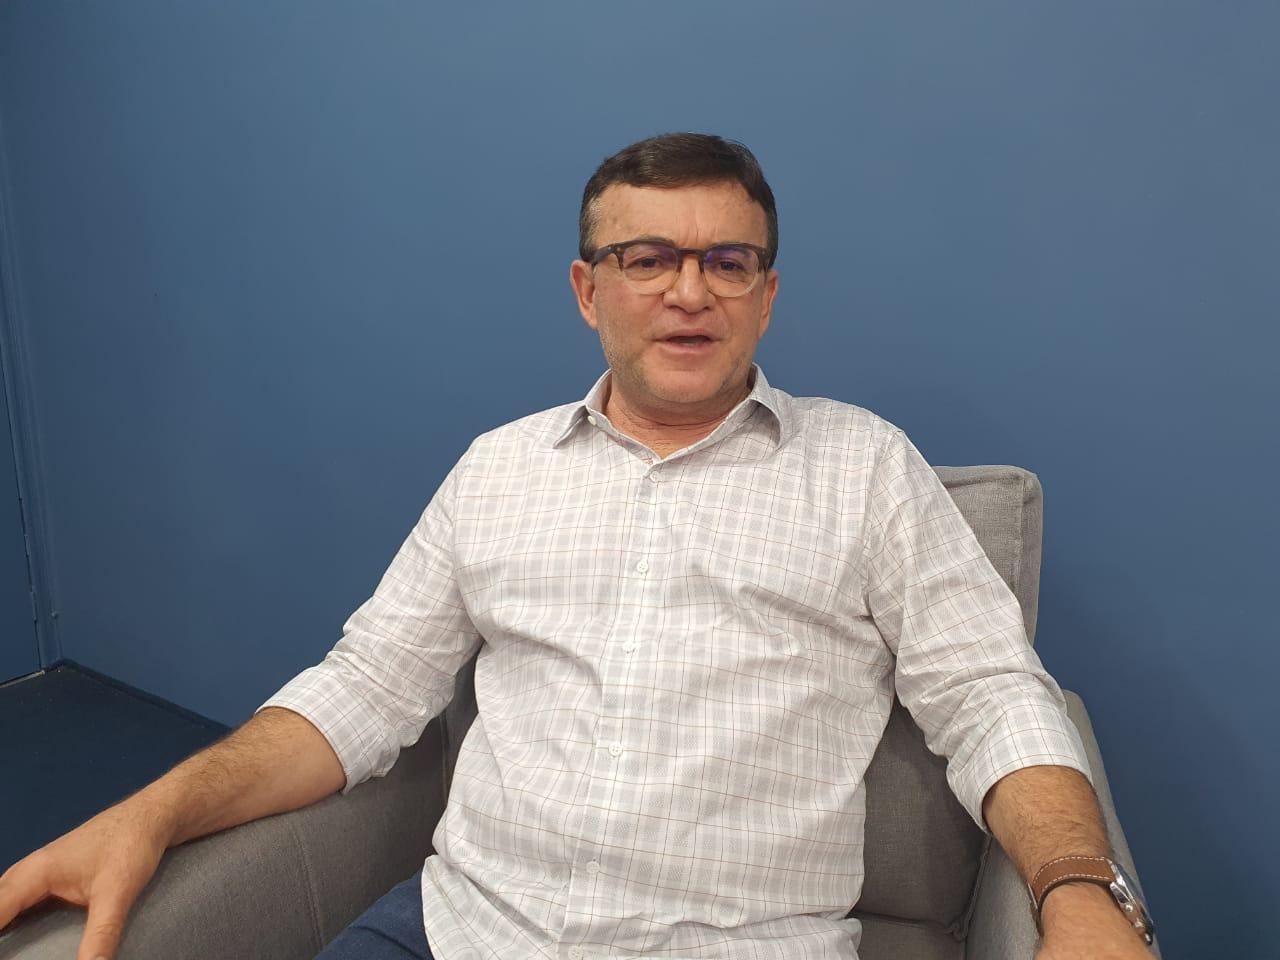 professor diretor do motiva - ´Aniversário´ de pandemia. Professor paraibano comenta os efeitos na educação